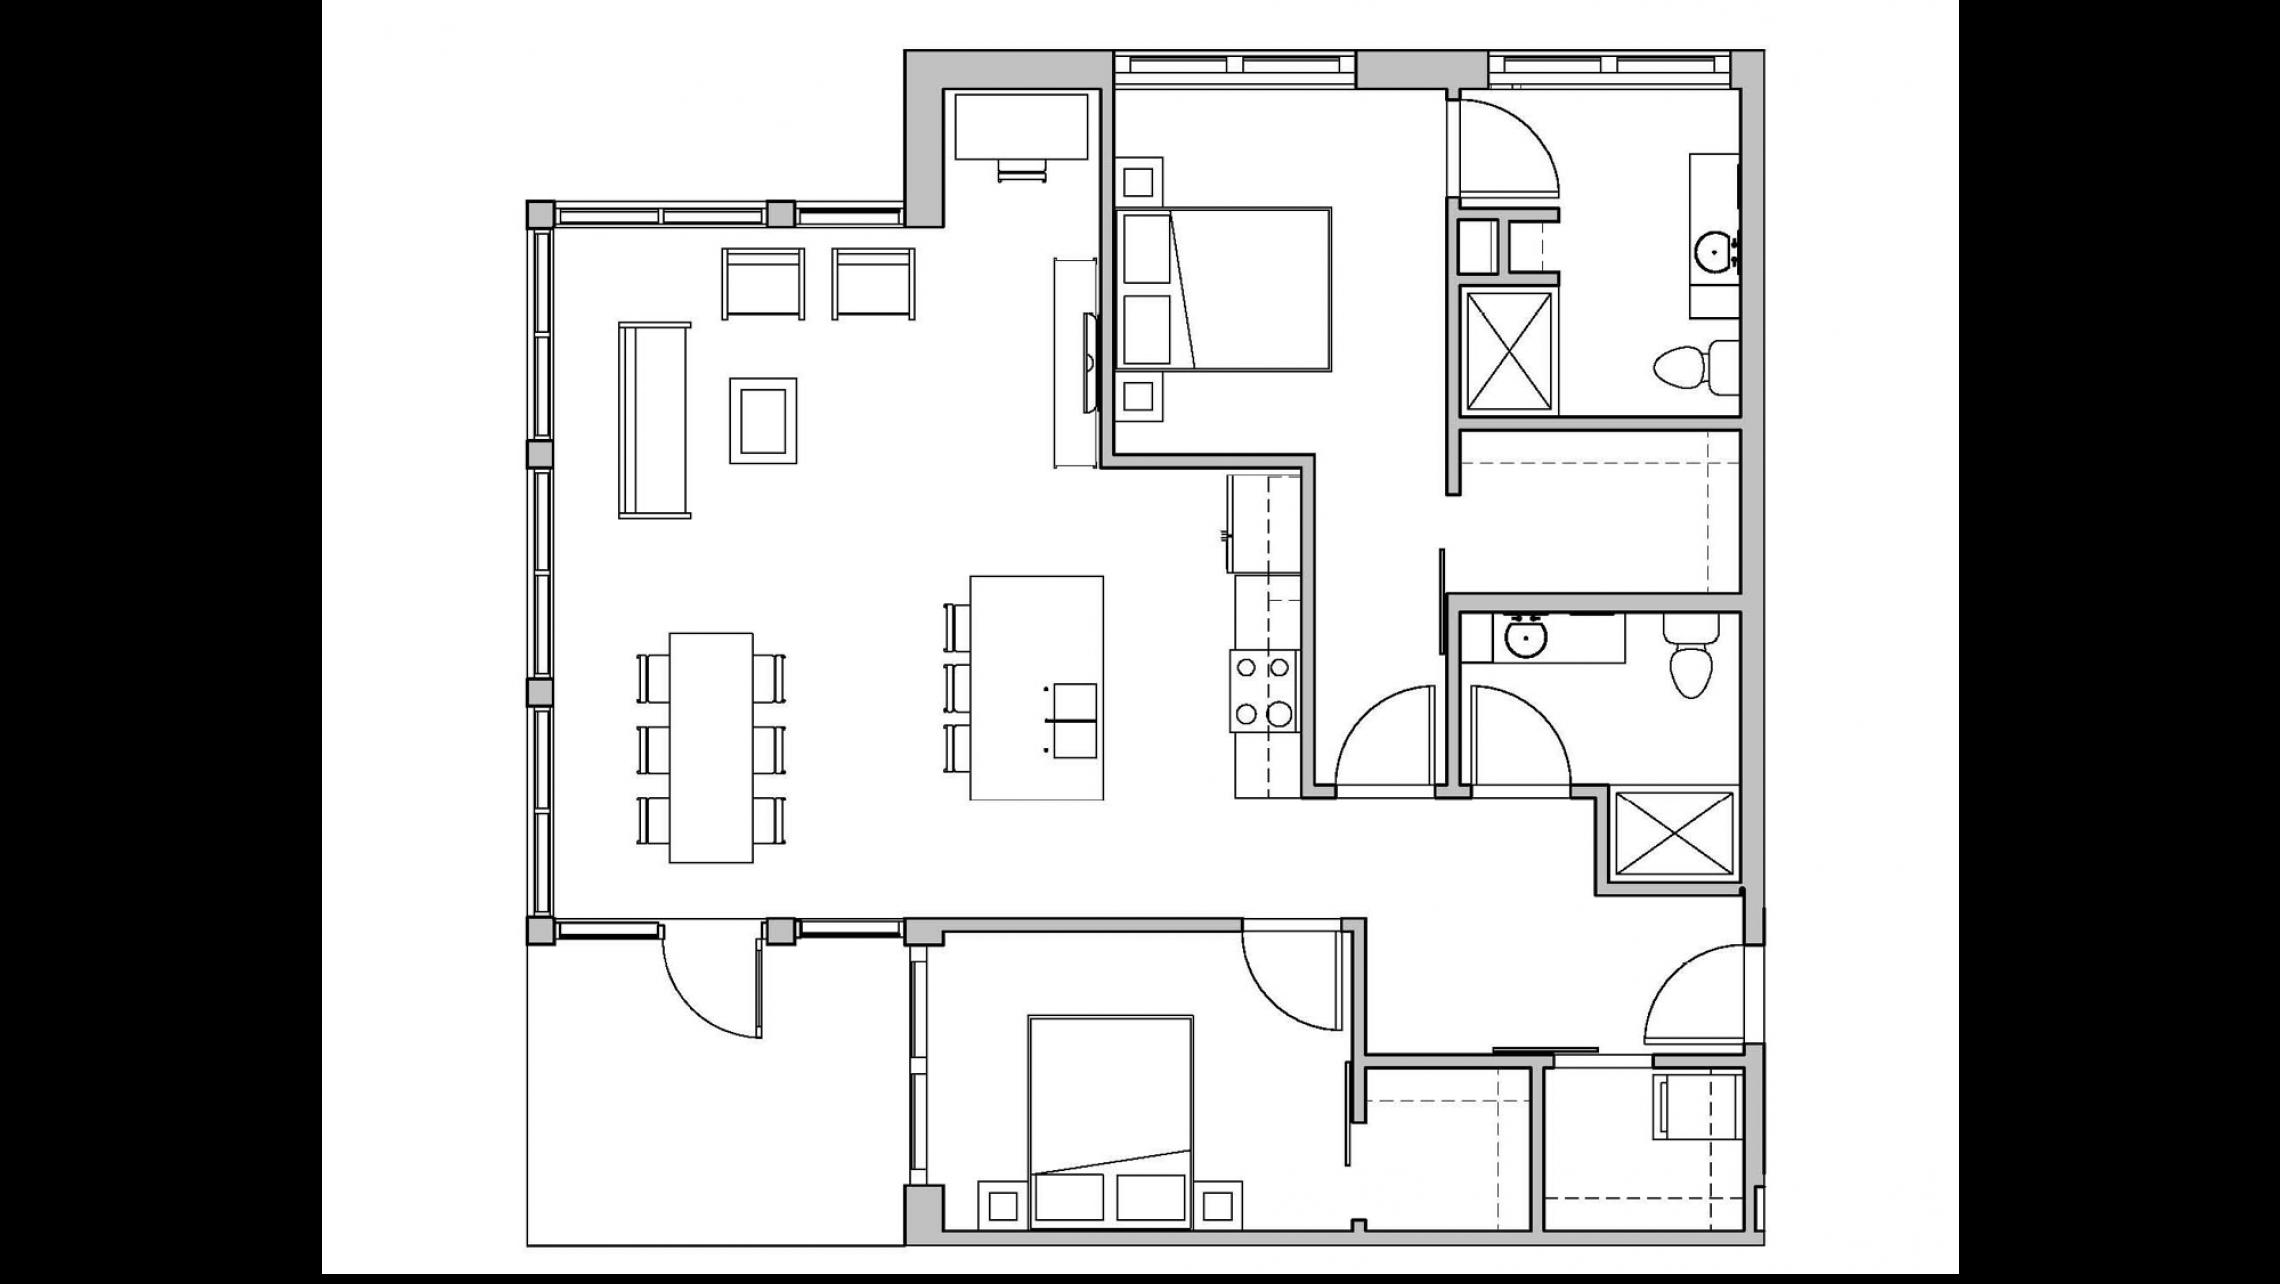 ULI Seven27 110 - Two Bedroom, Two Bathroom